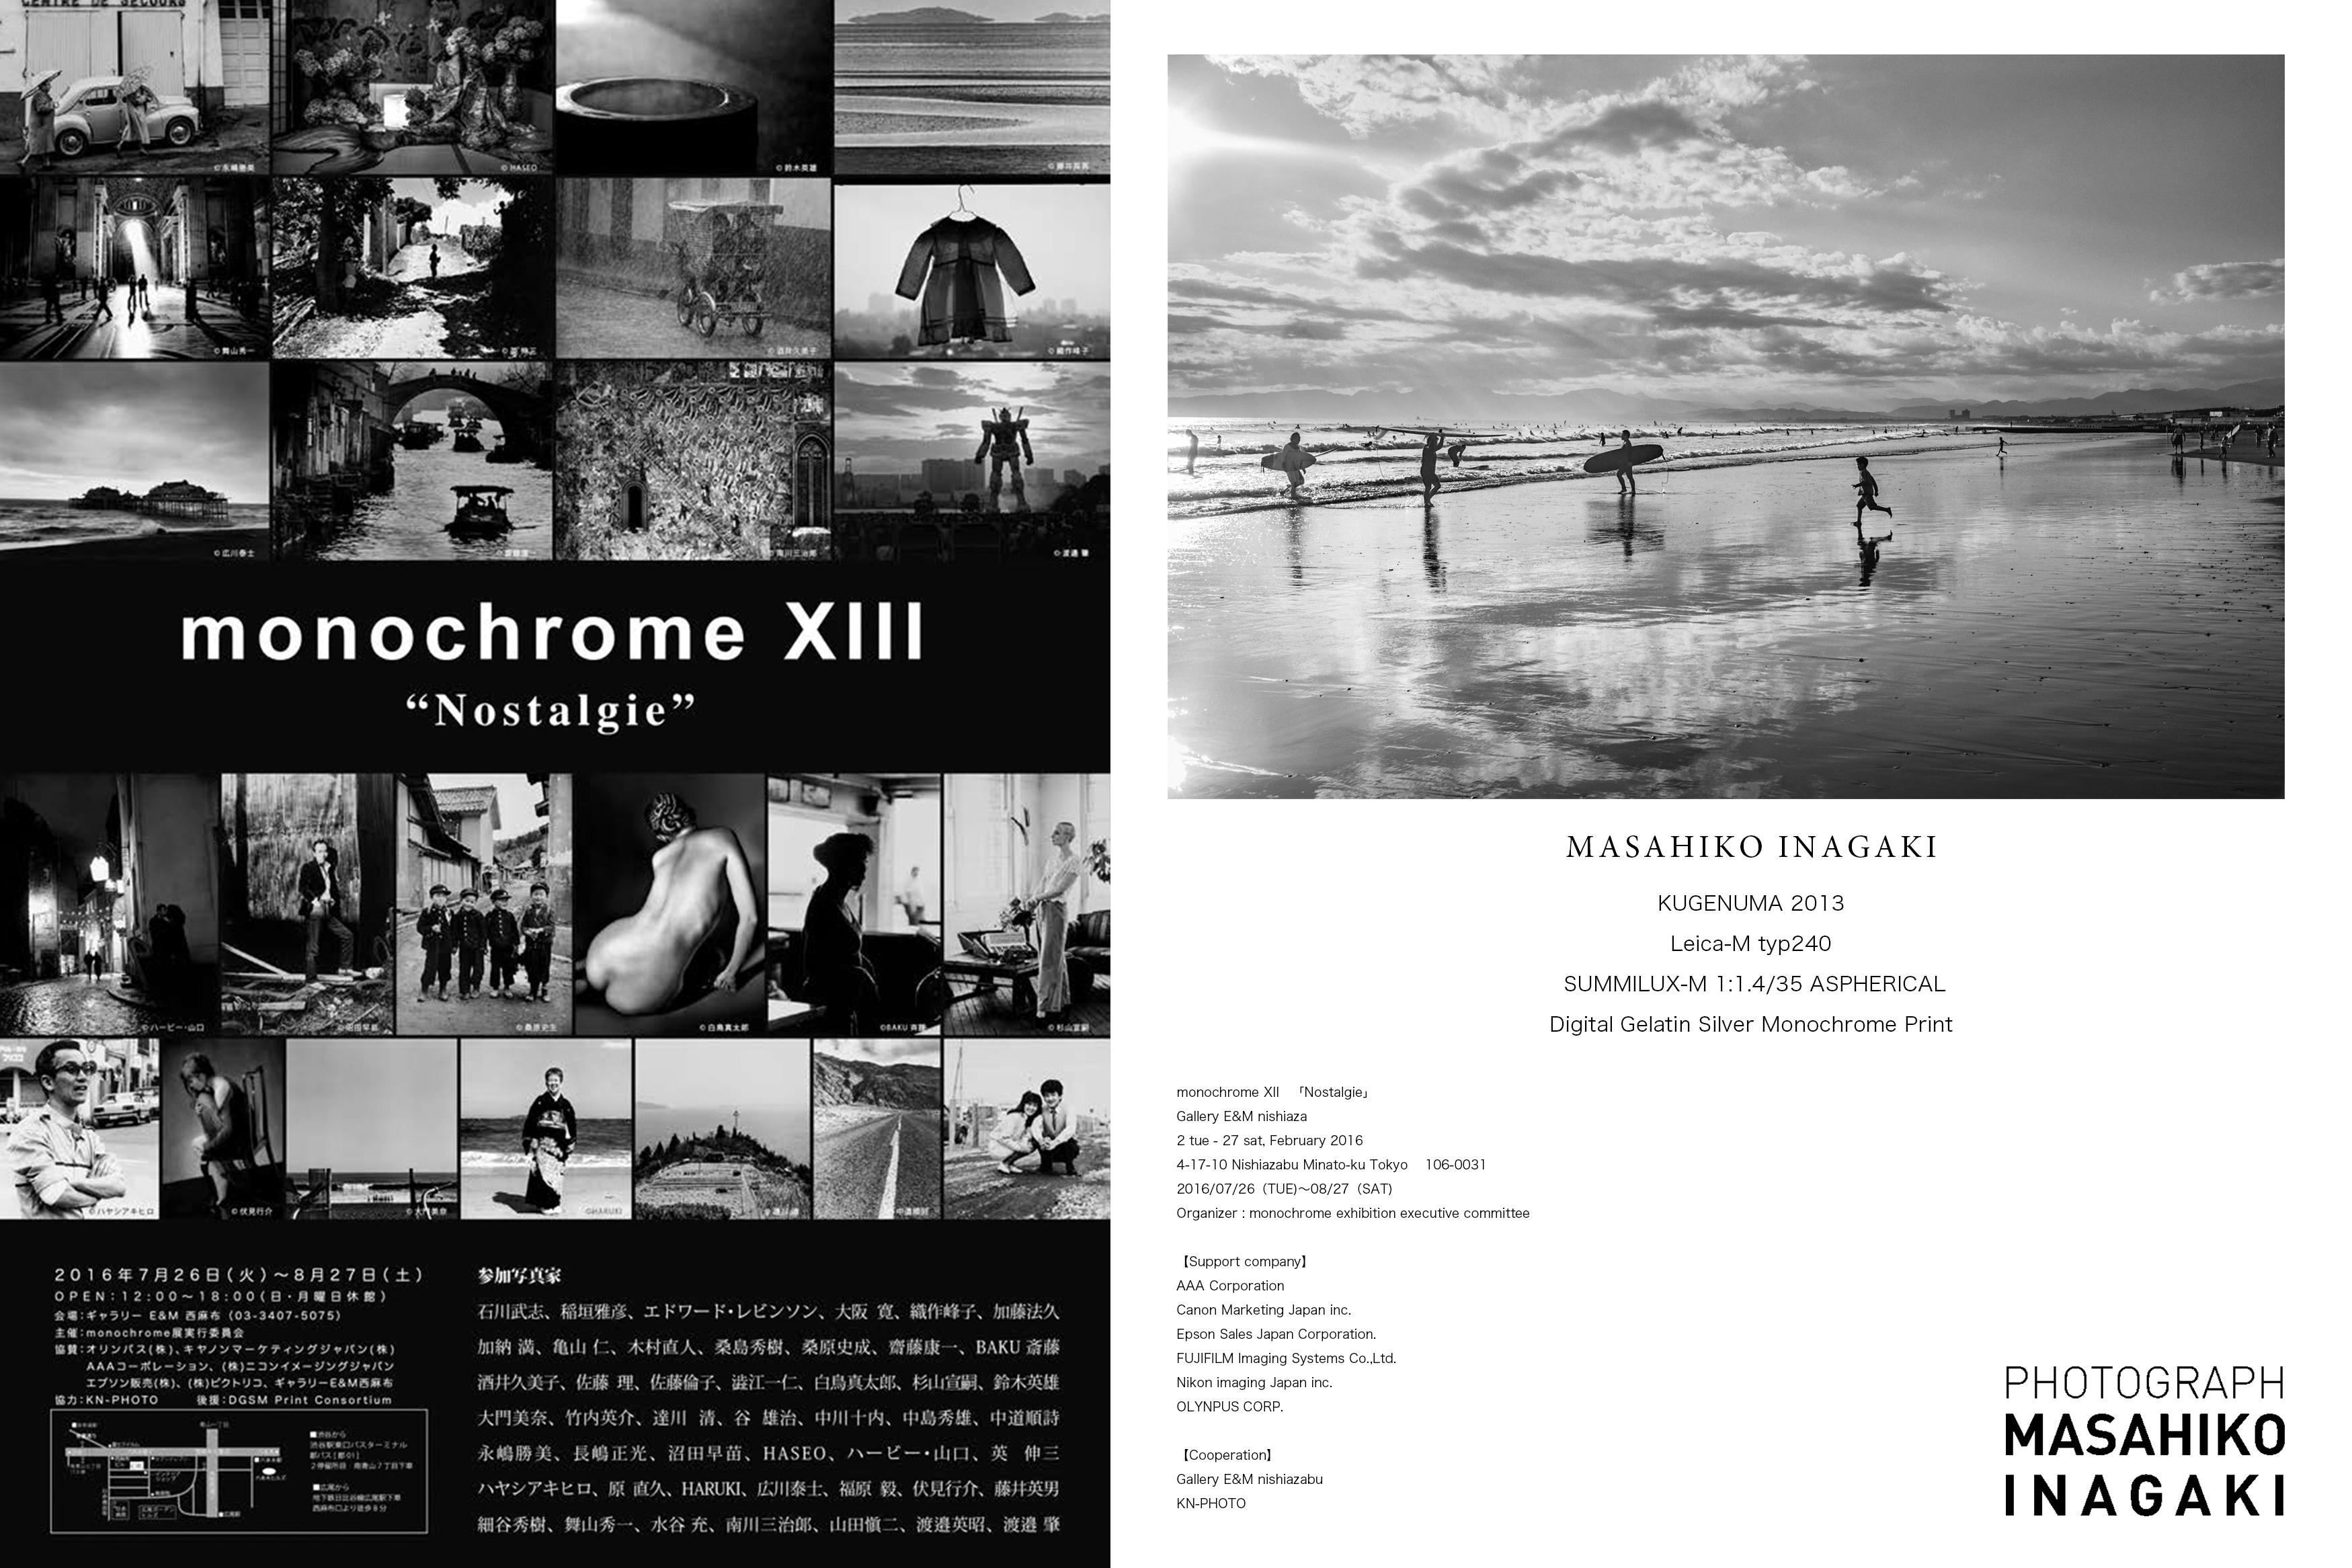 monochrome XIII「Nostalgie」